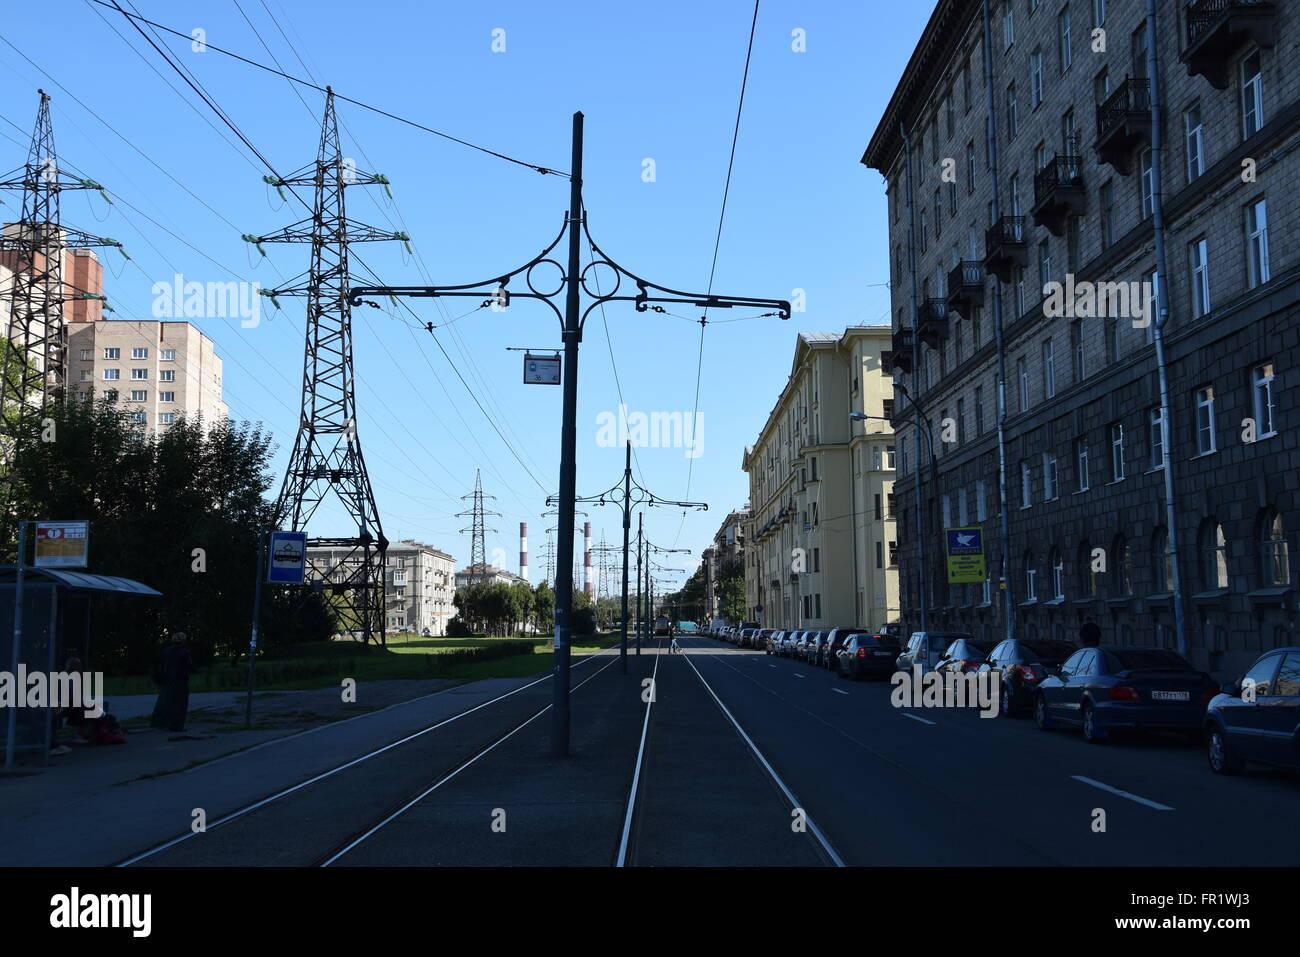 Straßenbahn-Trennung in der Novostroyek Straße in Sankt Petersburg mit historischen Fahrleitung Masten Stockfoto